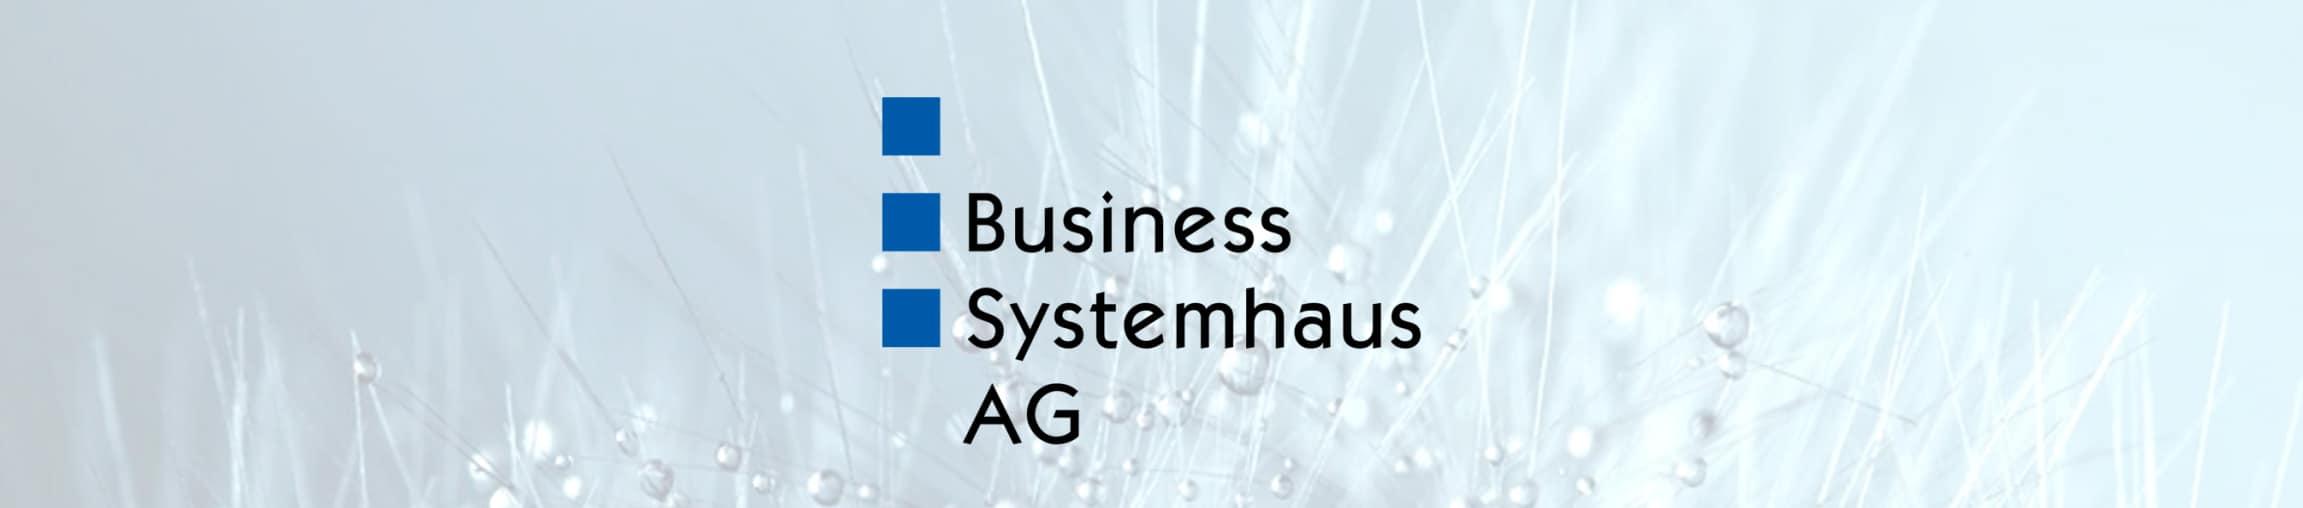 Logo der Business Systemhaus AG vor Wiese mit Tautropfen